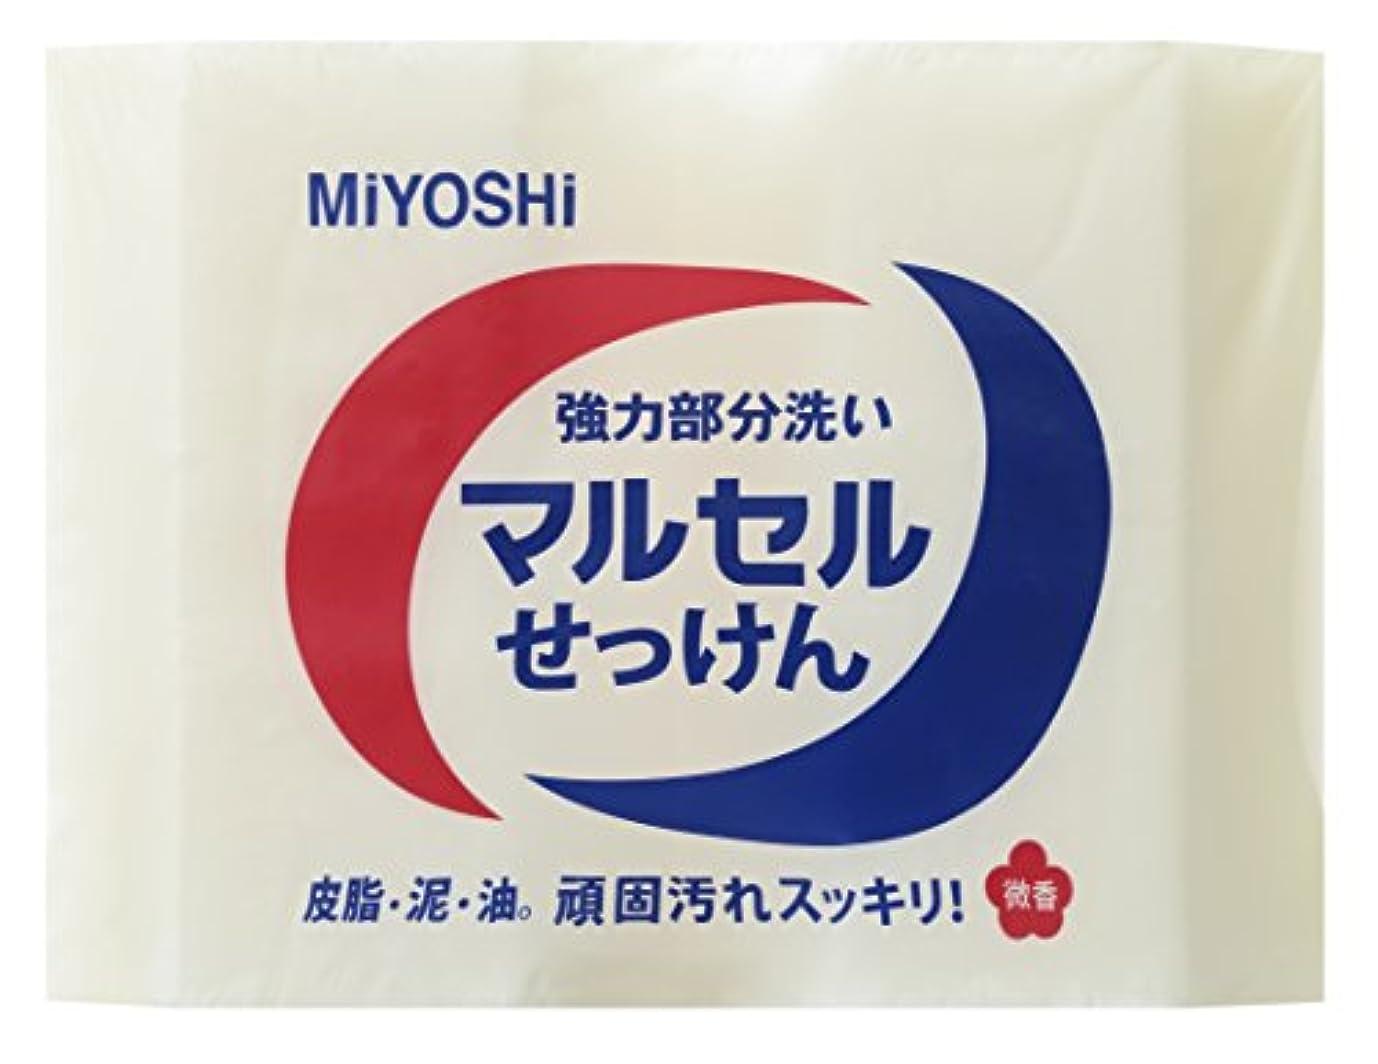 自分トマト容量ミヨシ マルセル2P